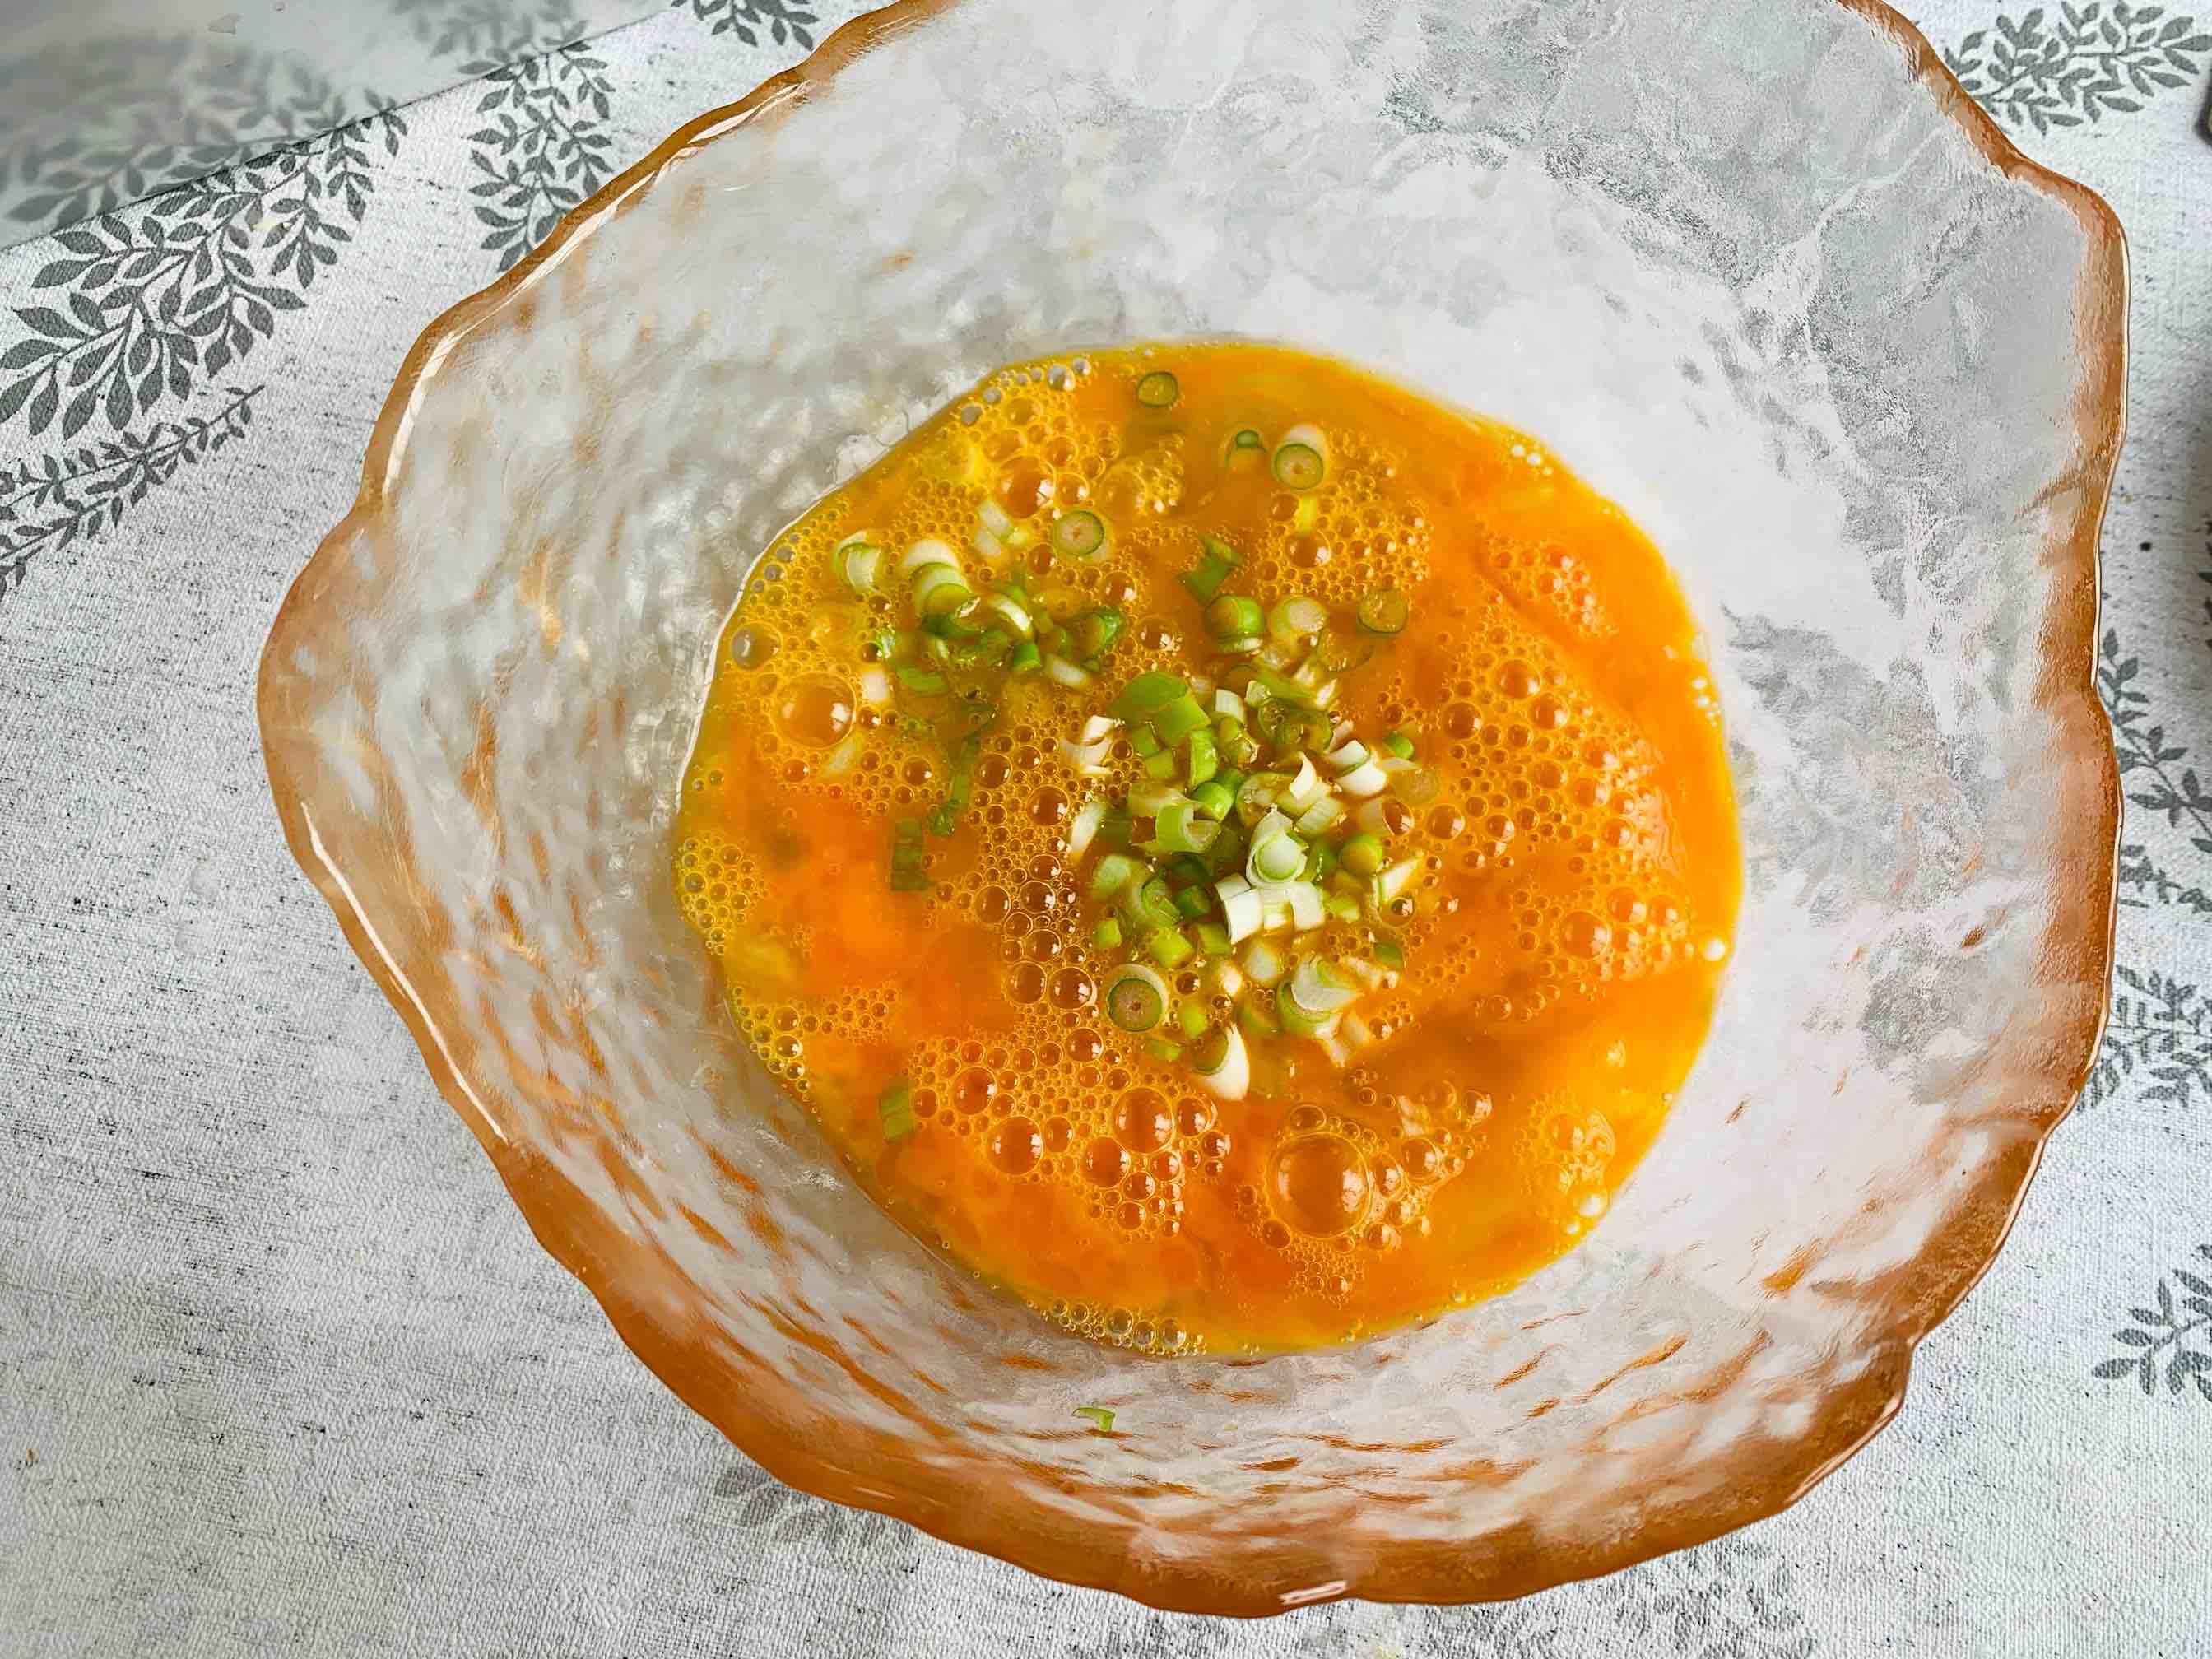 低脂不胖超好吃‼️蘸汁菠菜,不到2块钱的家常做法